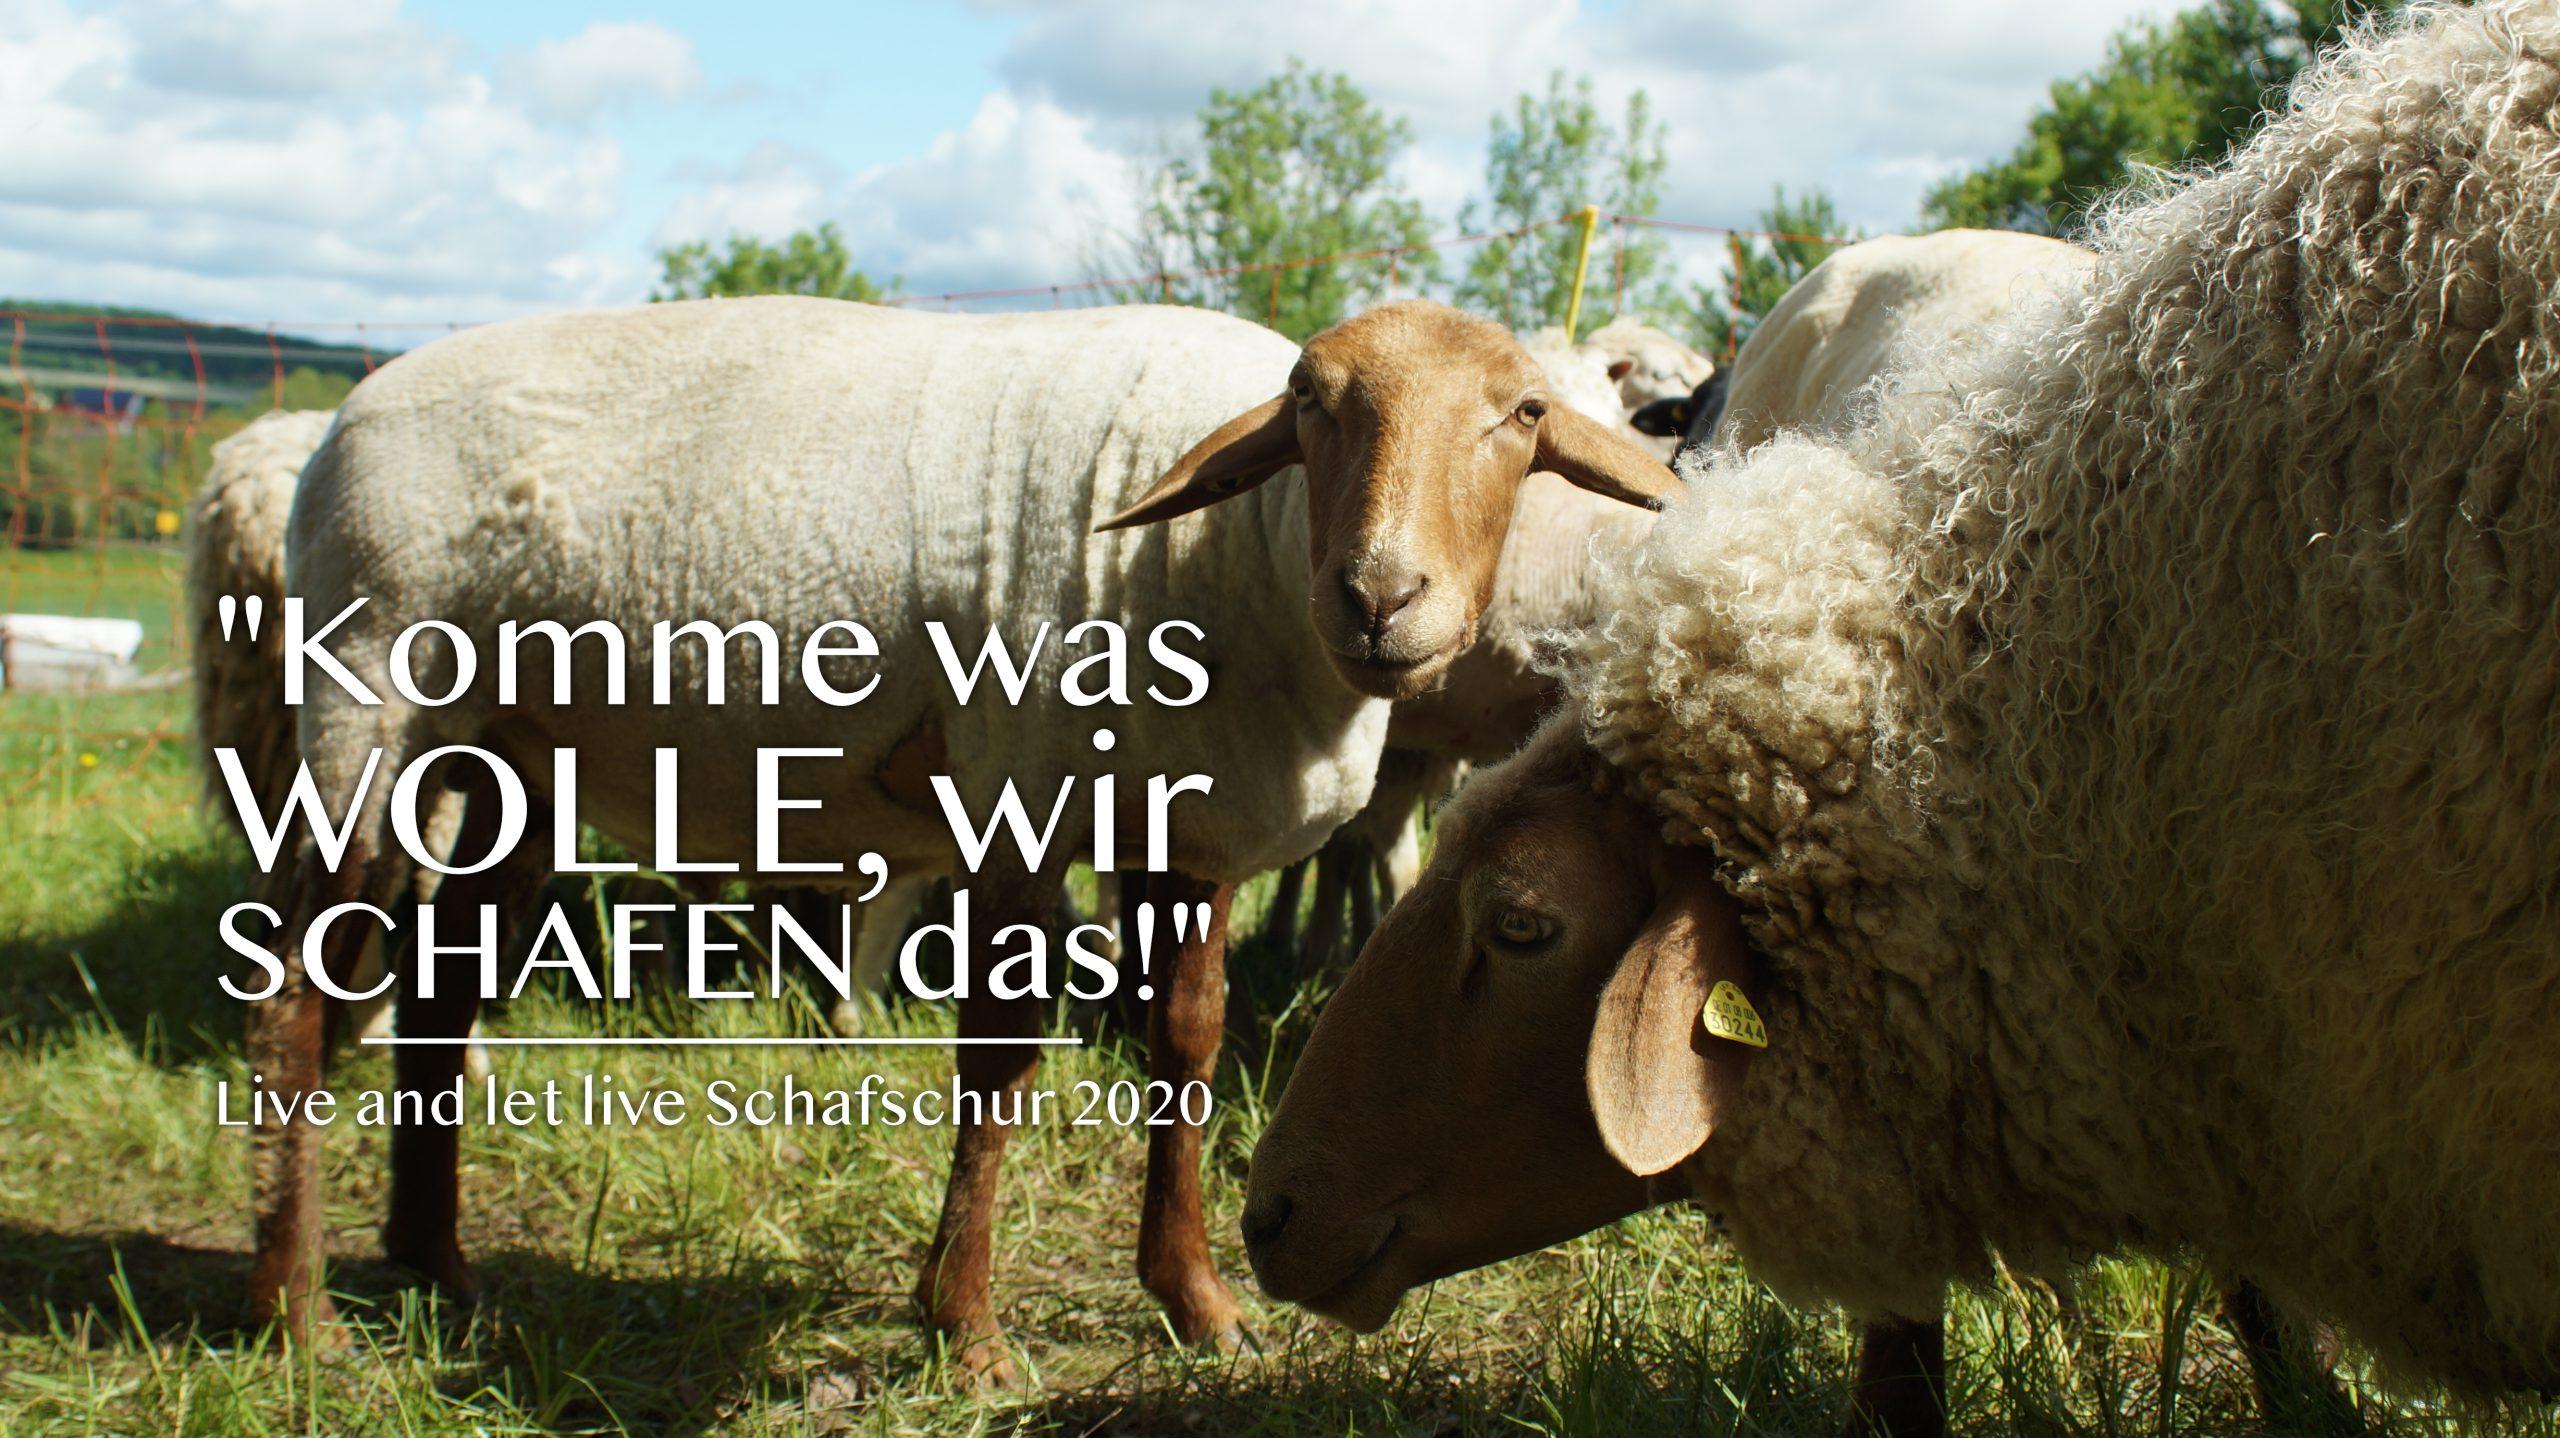 Live and let live Schafschur 2020: Komme was Wolle gemeinsam Schafen wir das! Tierschutz Schwaigern Banner